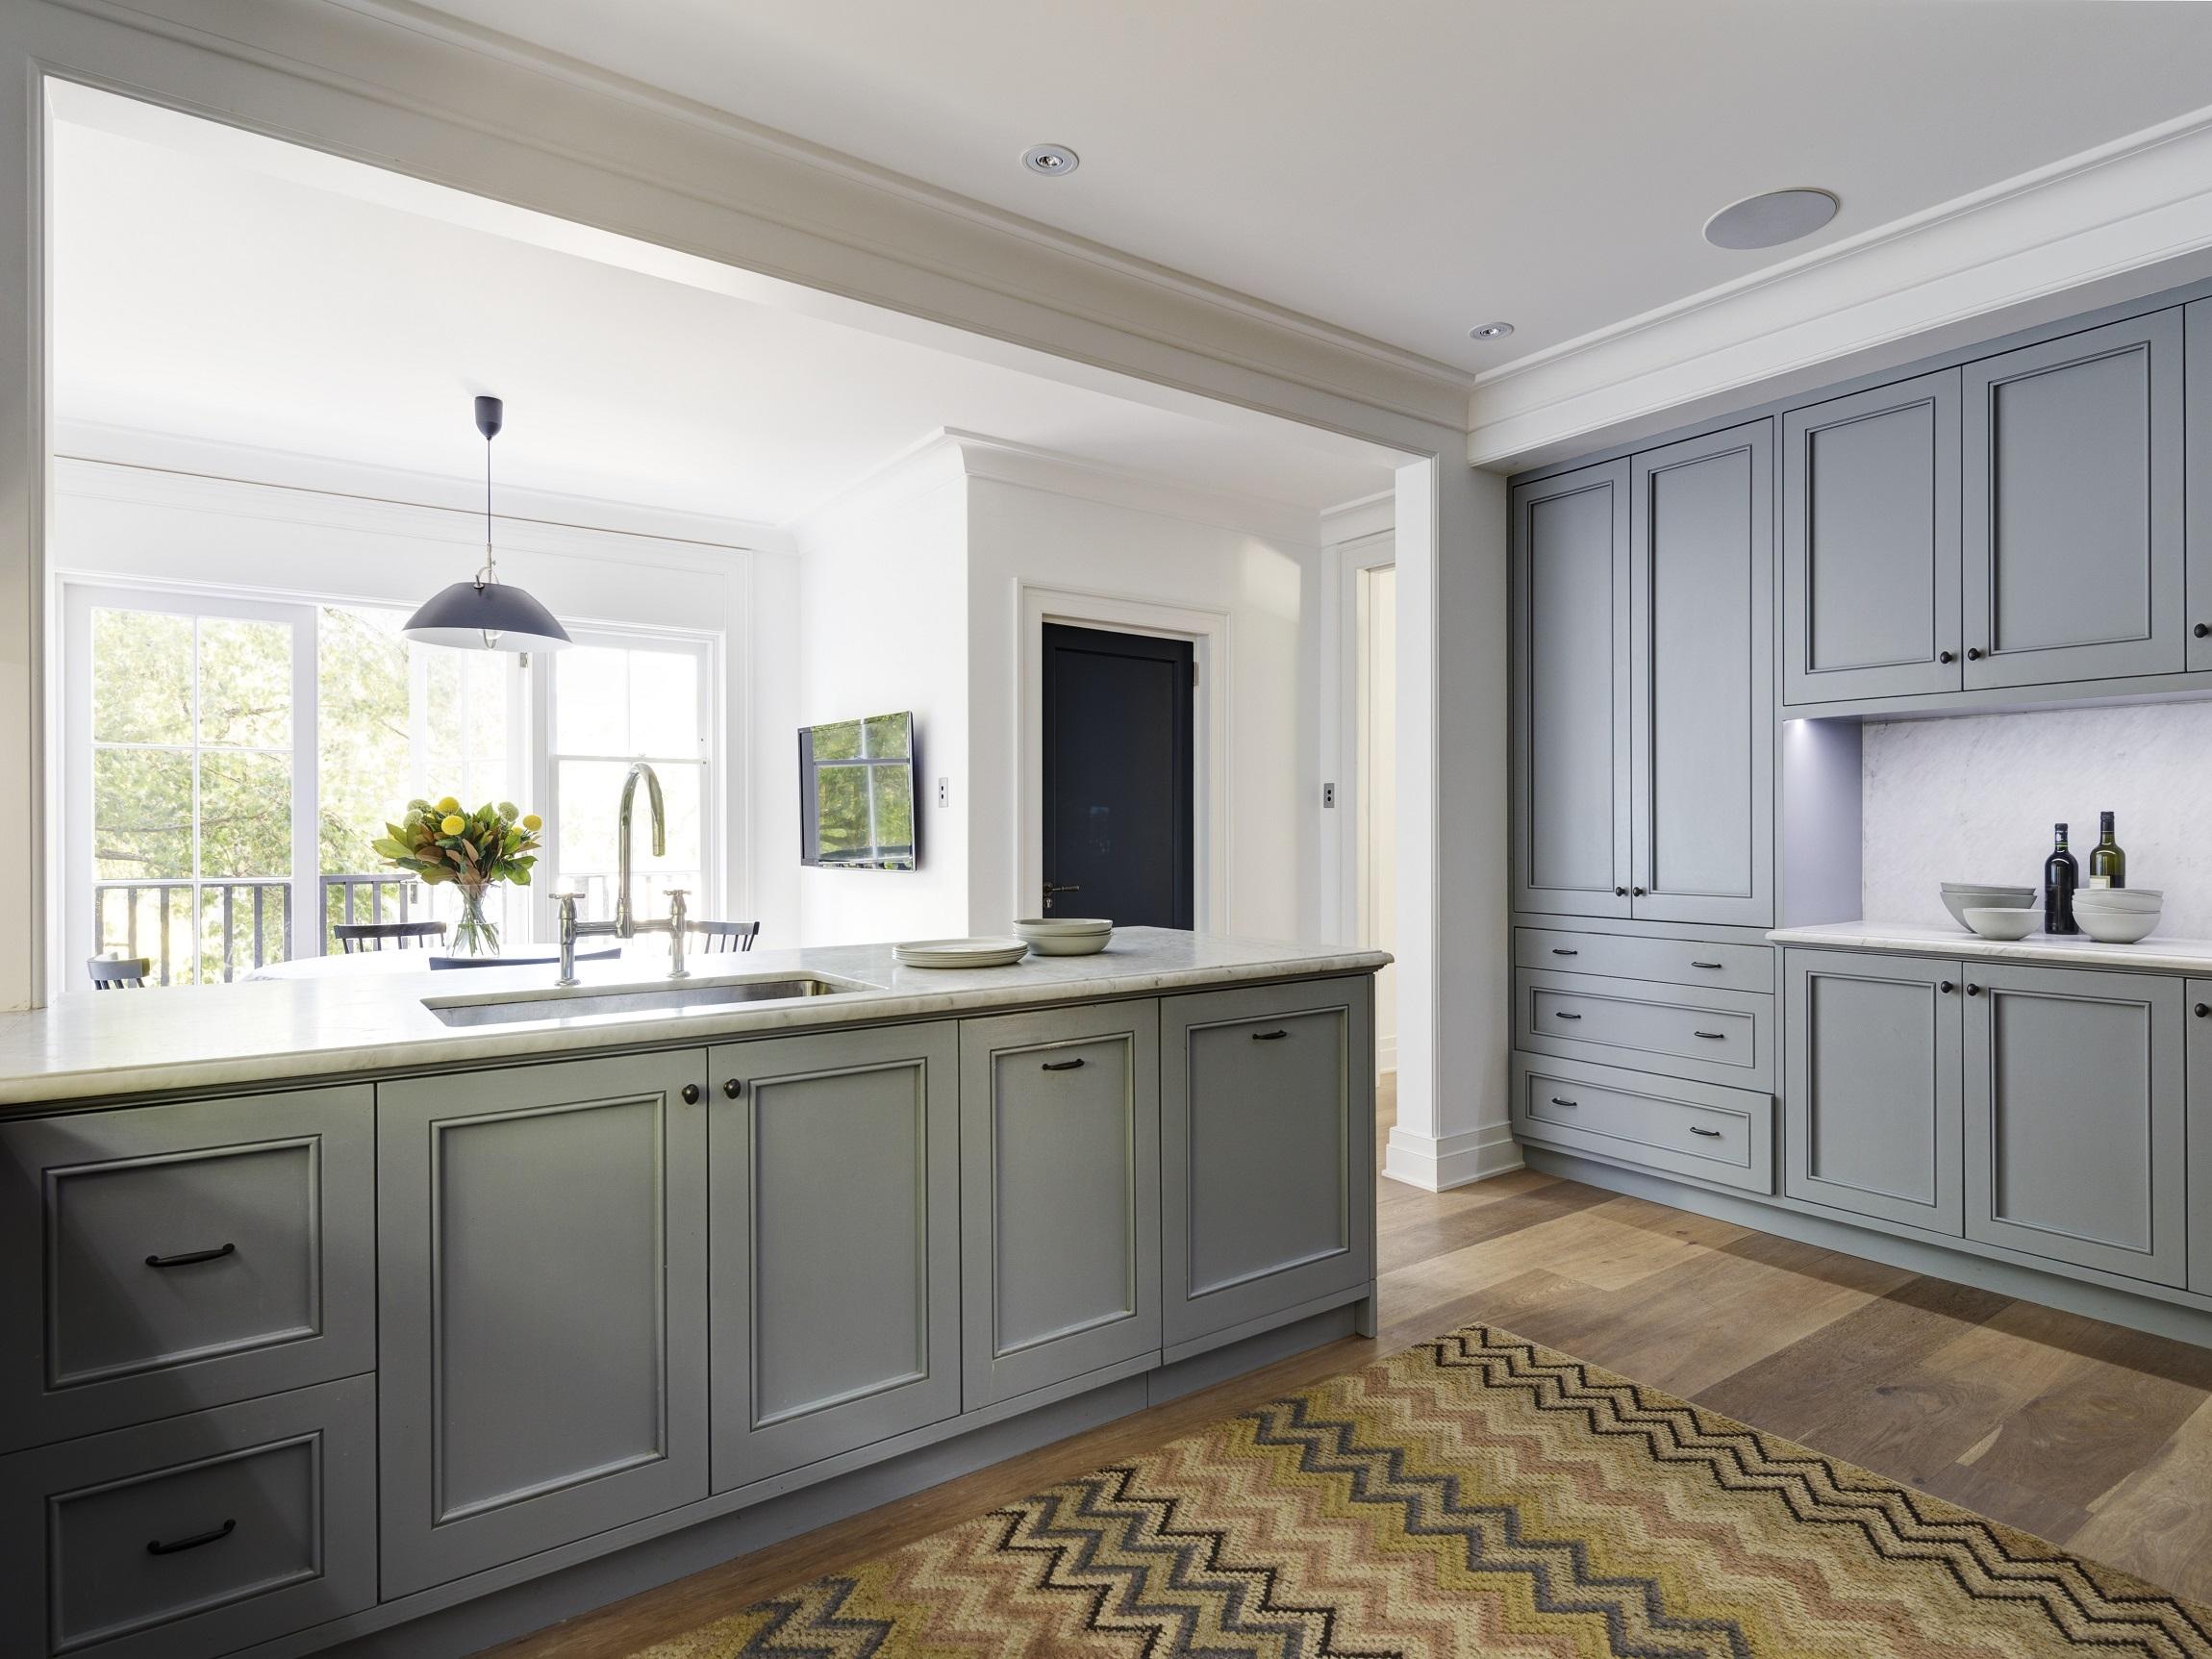 Art-Deco-Interior-Design-Kitchen-Bellevue-Hill-Michael-Bell-Architects(1)